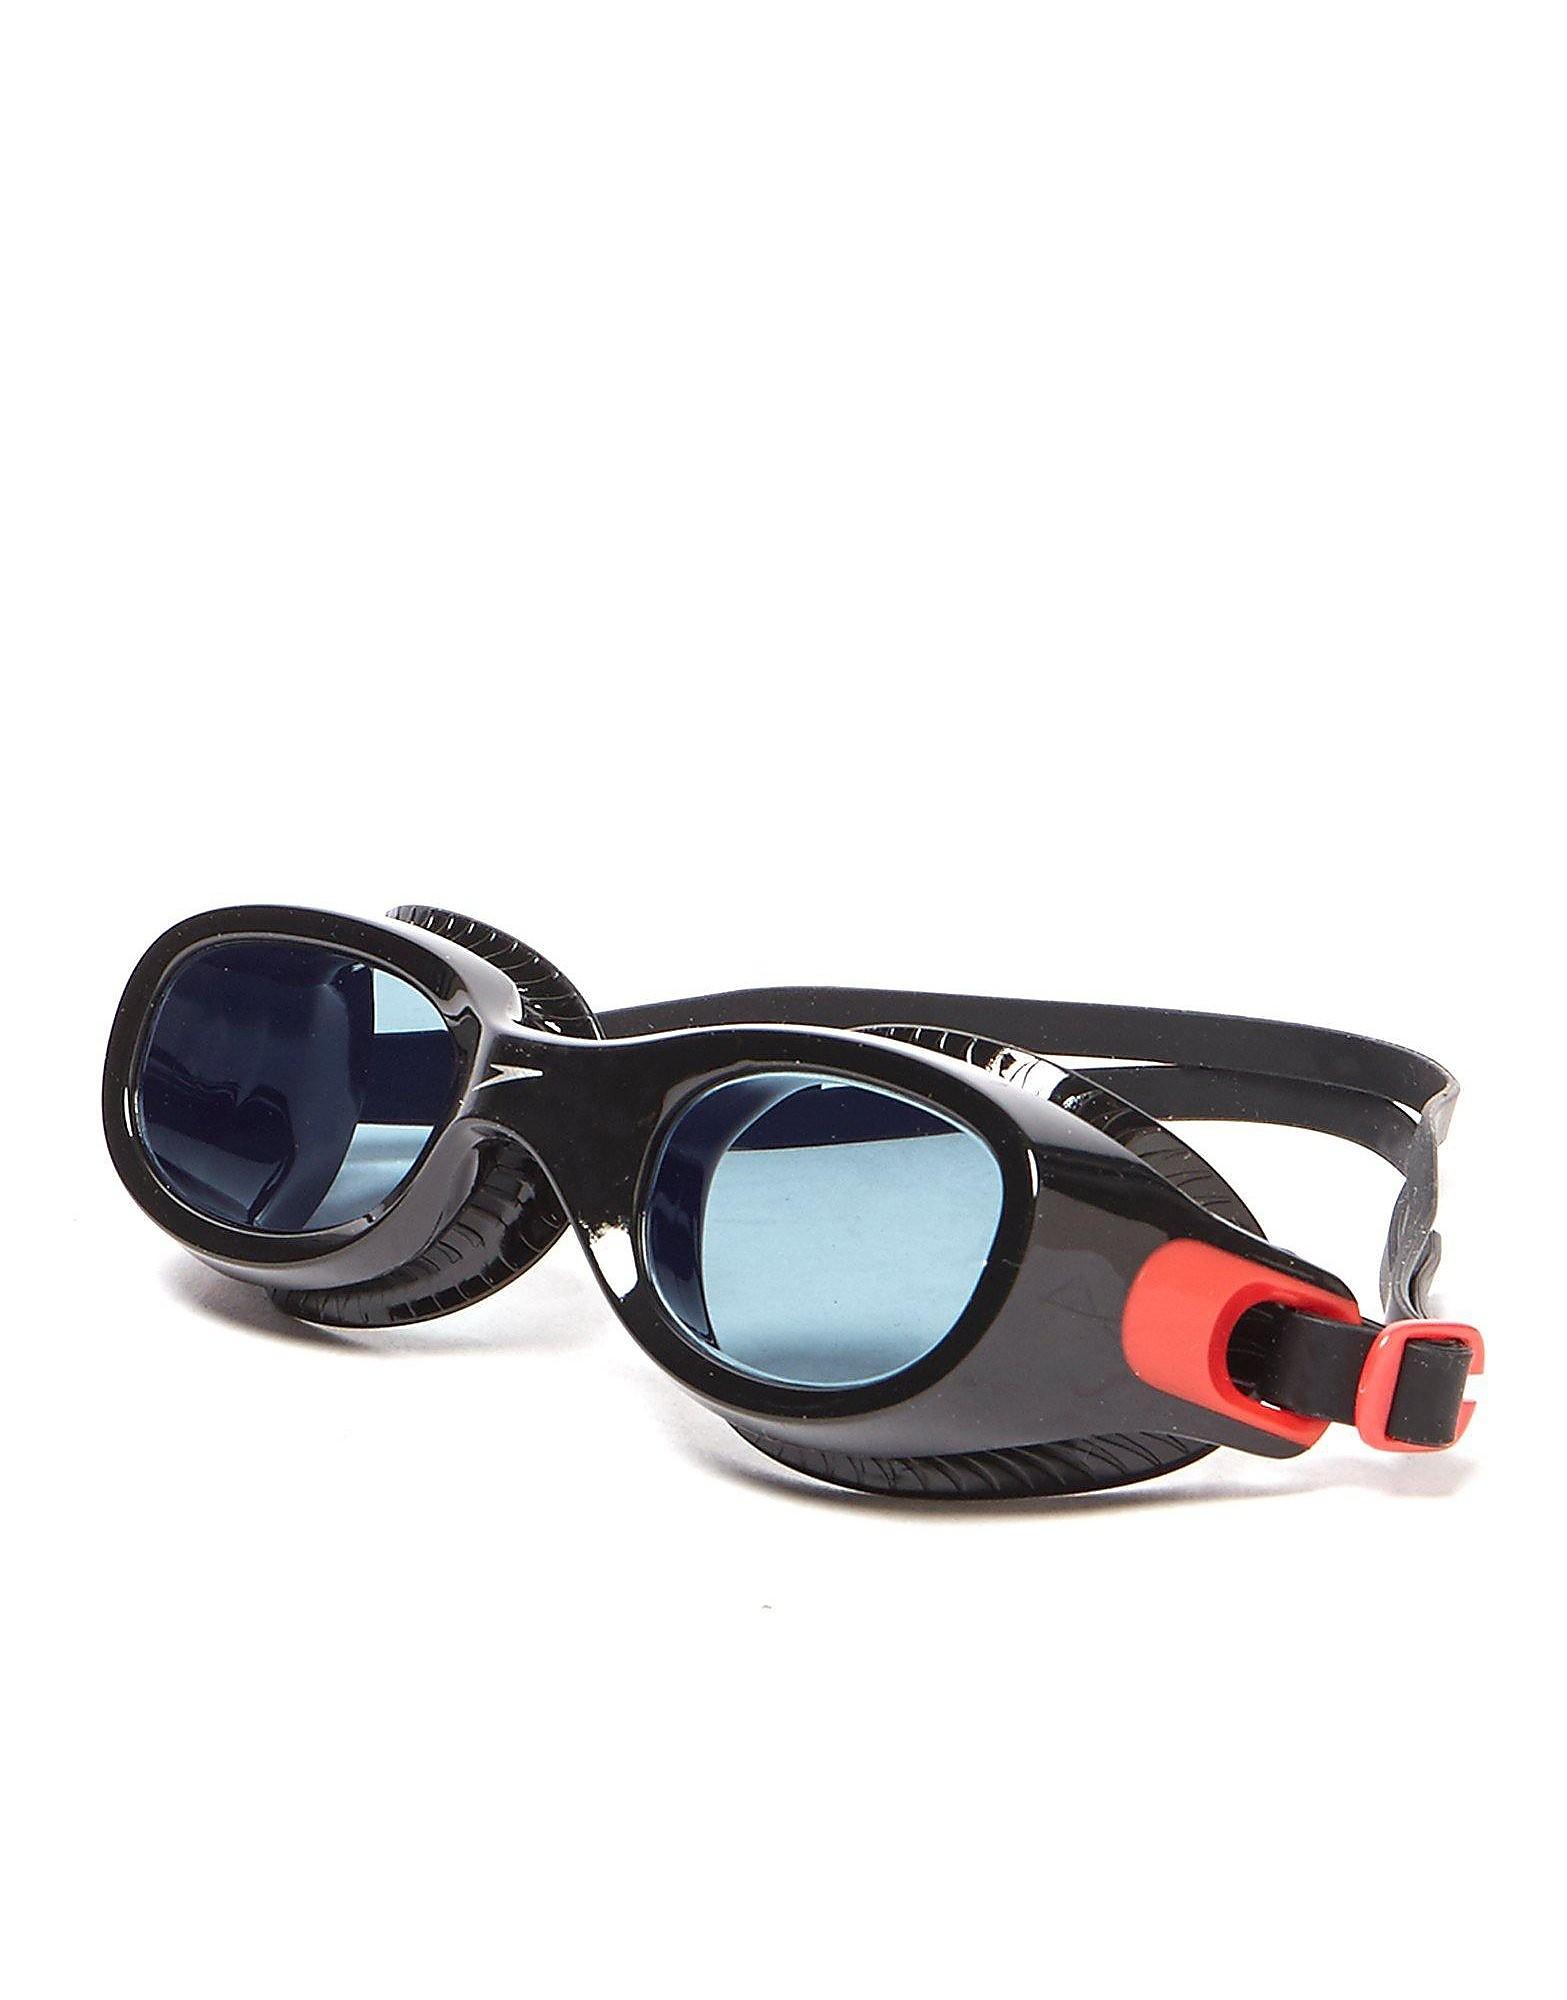 Speedo Futura Classic Swimming Goggle